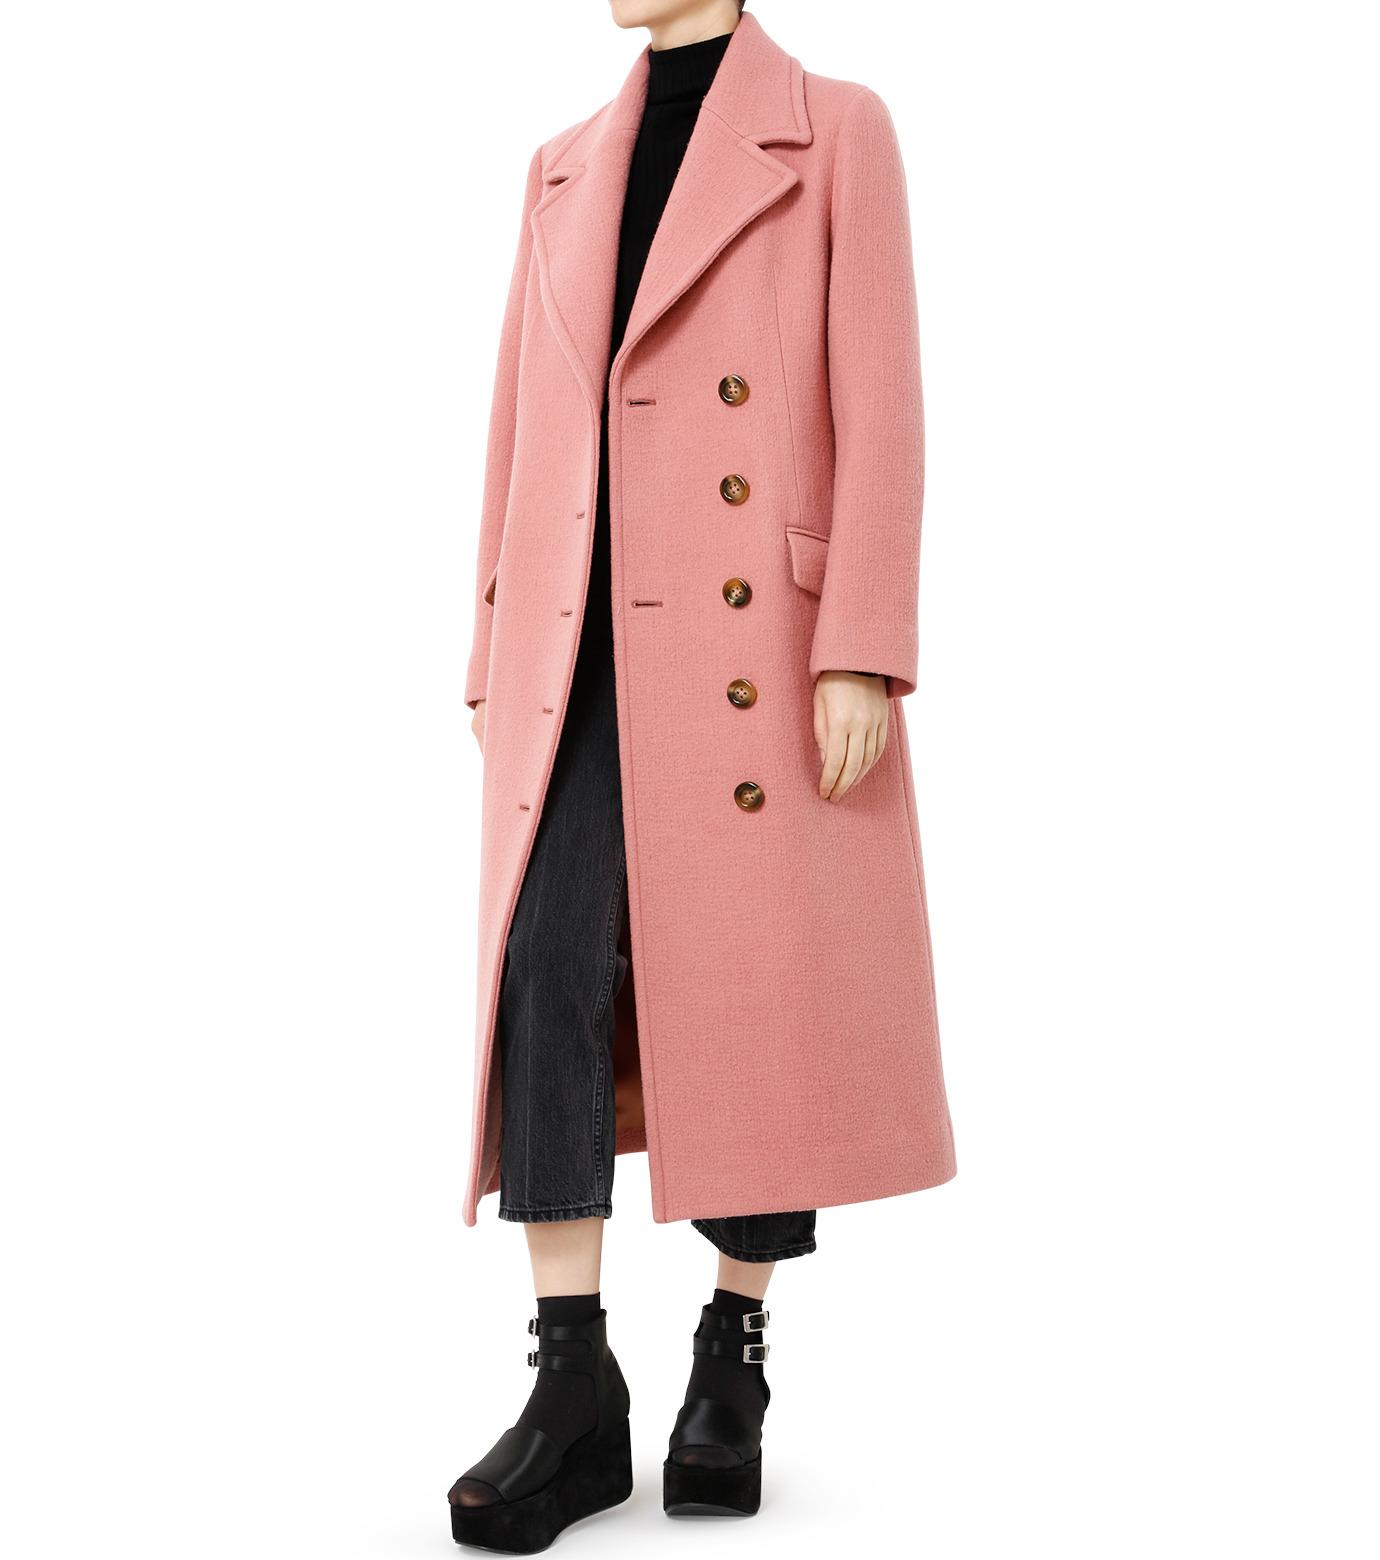 LE CIEL BLEU(ルシェルブルー)のナッピングウールレディーコート-SALMON PINK(コート/coat)-18A69716 拡大詳細画像3